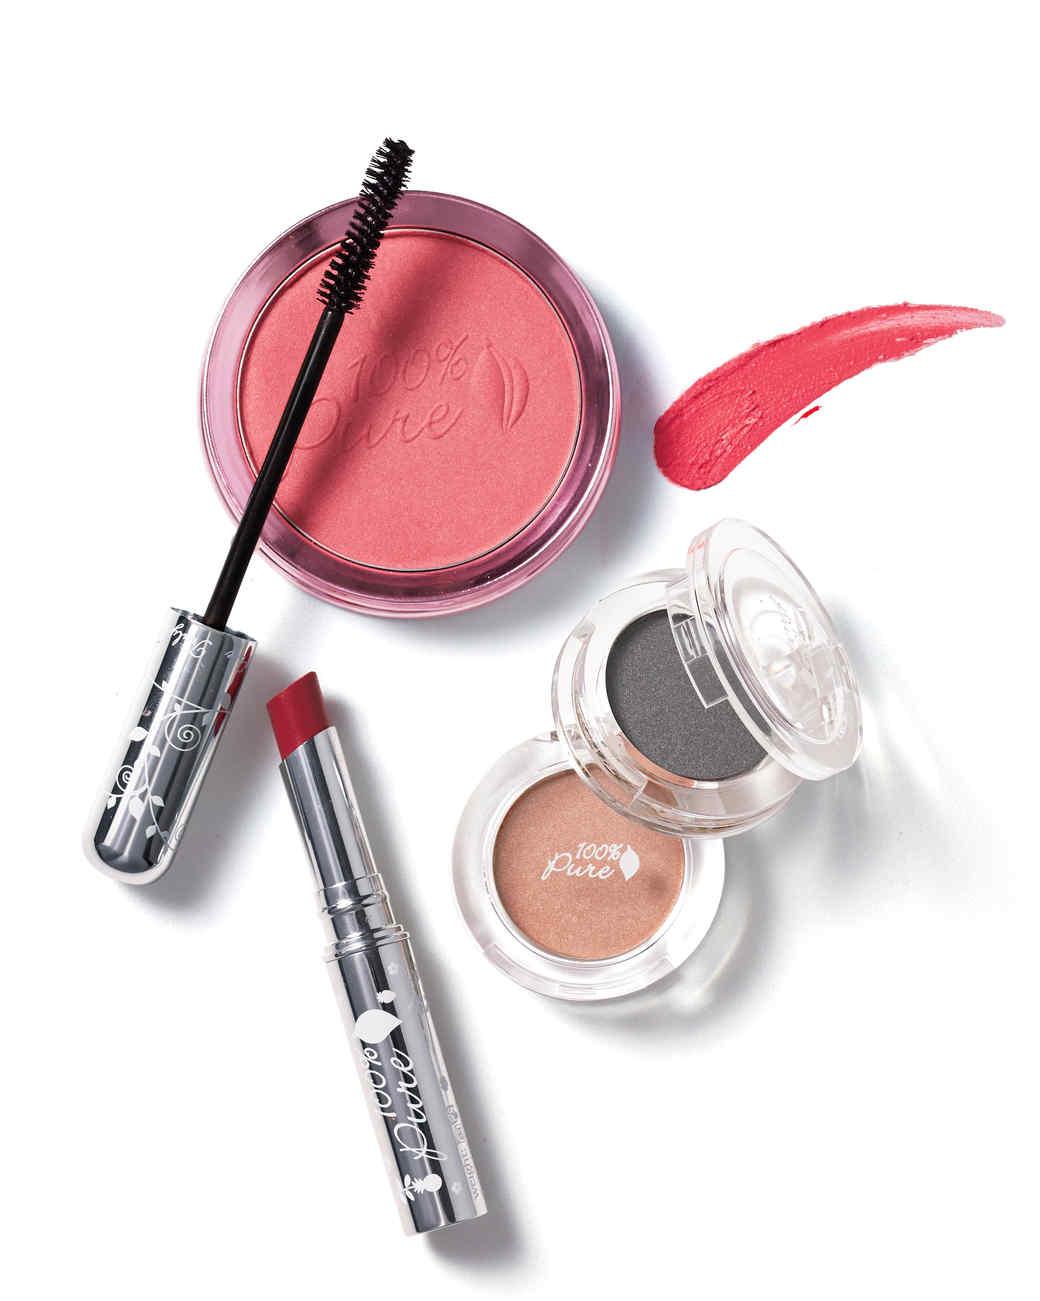 100-percent-pure-cosmetics-104-d112325.jpg